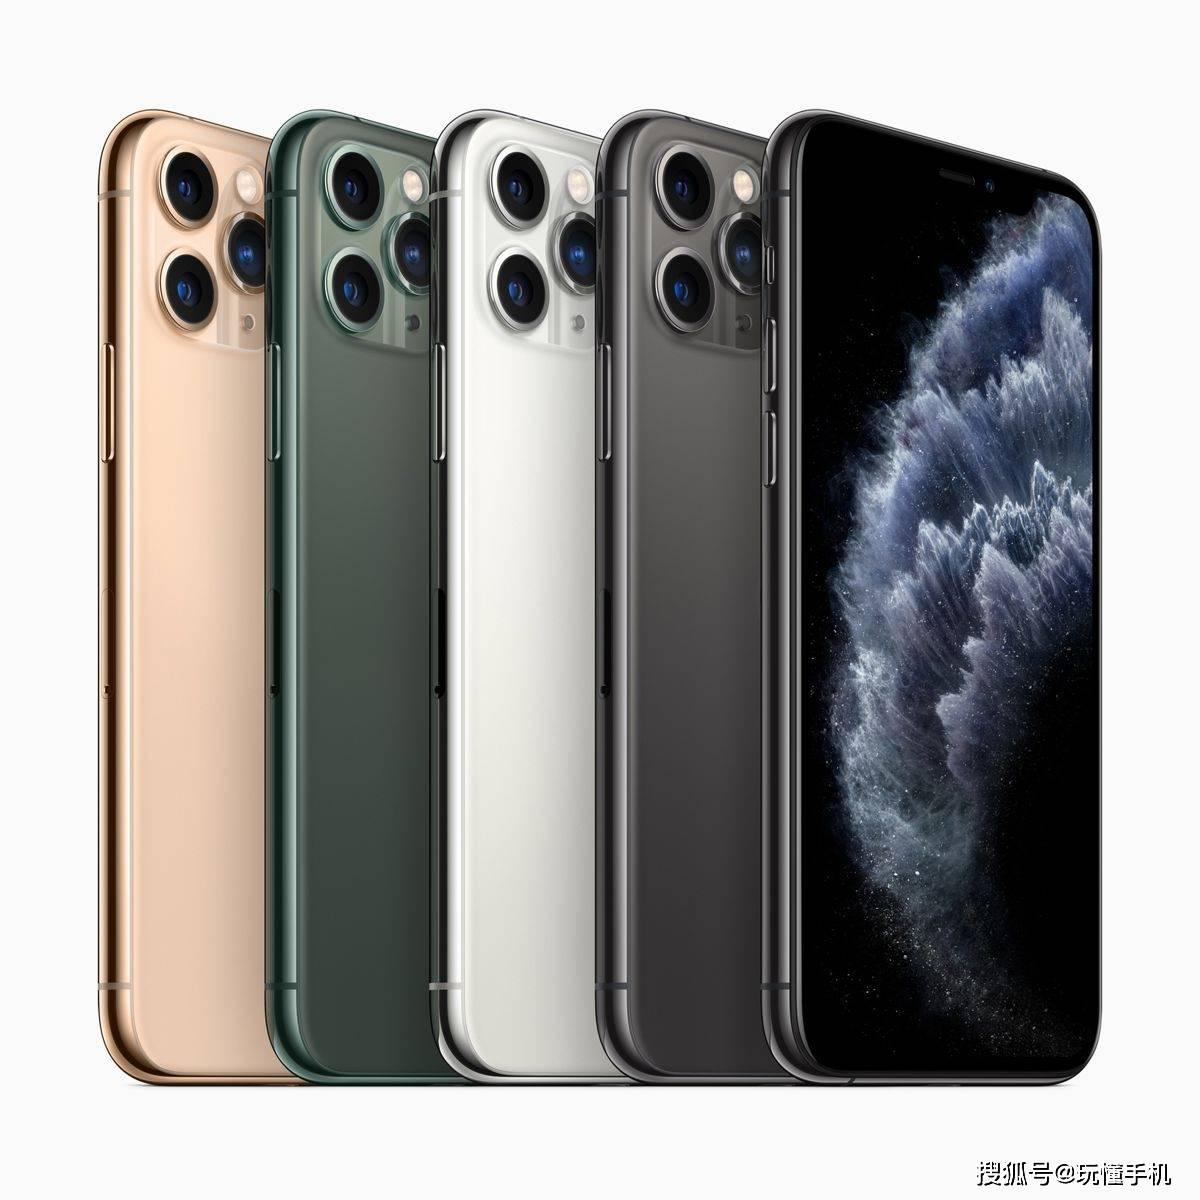 原创            英国运营商表示:苹果iPhone12发布会将会在未来几天内公布